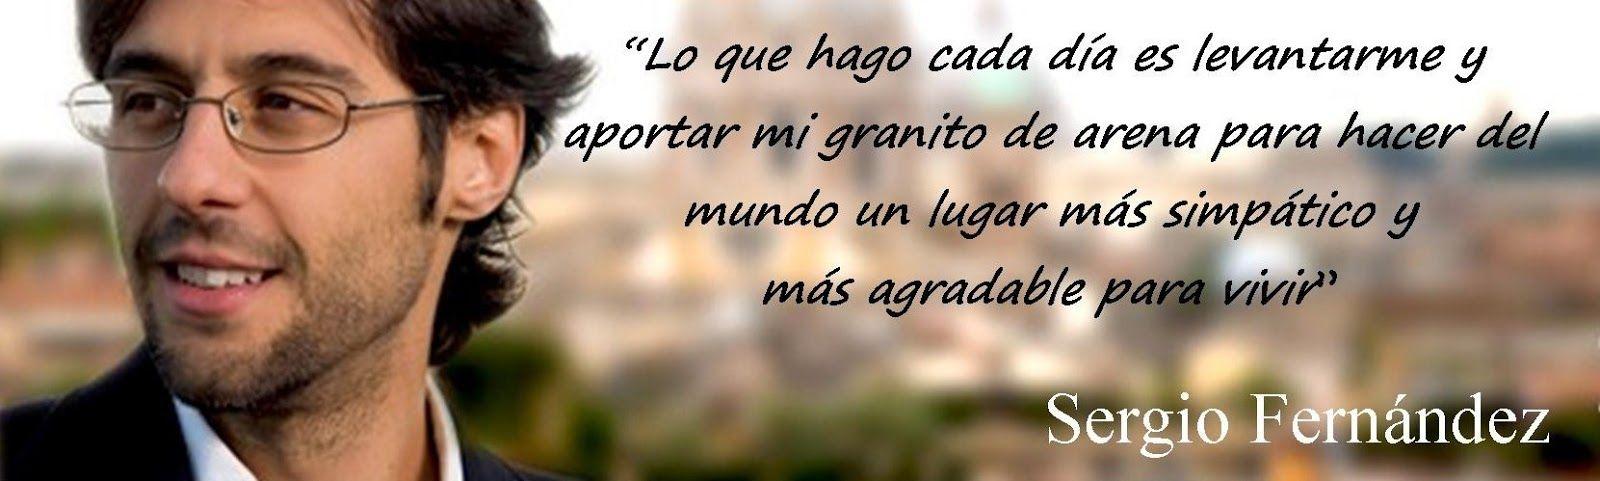 Pensamiento Positivo y todo lo que aprendo de Sergio Fernández ¡Menudo crack!